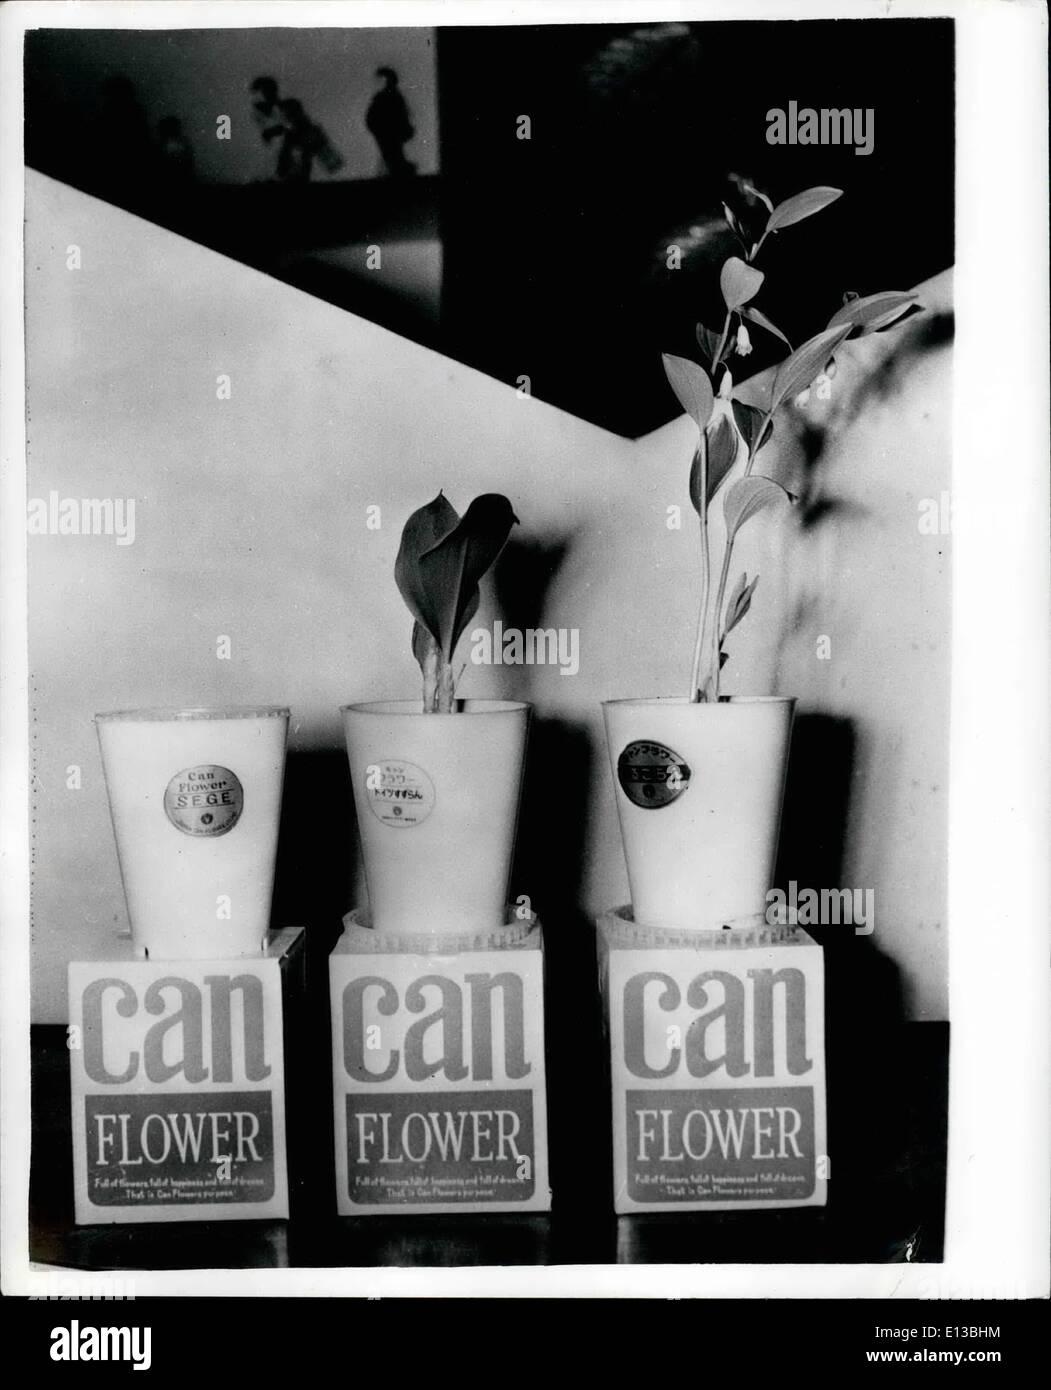 Febbraio 29, 2012 - dare l'uno è l'amore un fiore in scatola - Timidi gli uomini possono evitare di essere taquiné quando essi portano un mazzo di fiori alle loro mogli o innamorati in pubblico ora che una società giapponese è di mettere i fiori in scatola sul mercato. I contenitori di plastica che vengono chiusi ermeticamente tenere appositamente fecondato la terra con i semi o i bulbi. Tutto ciò che dovete fare è aprire il contenitore e l'acqua. La foto mostra: conserve di fiori sul display in commercio di Osaka f*airf che mostra un contenitore non sigillato e gli altri due in diversi stadi di crescita. Immagini Stock